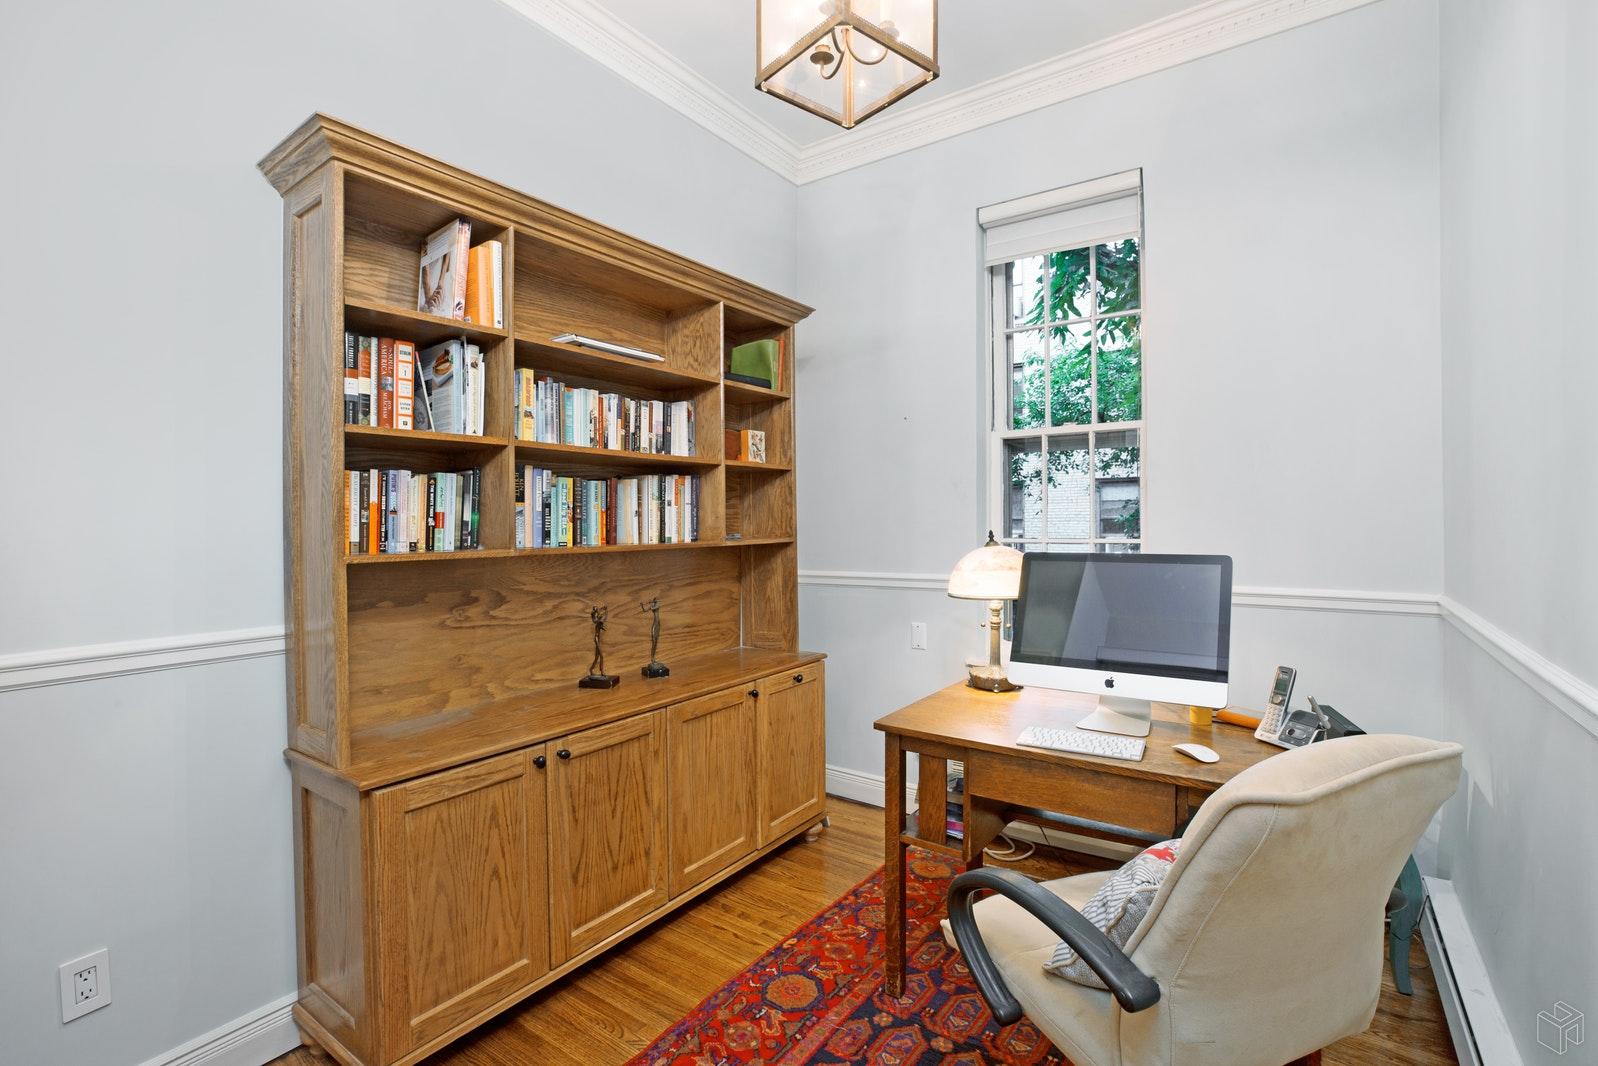 139 WEST 85TH STREET 3, Upper West Side, $1,050,000, Web #: 19146203